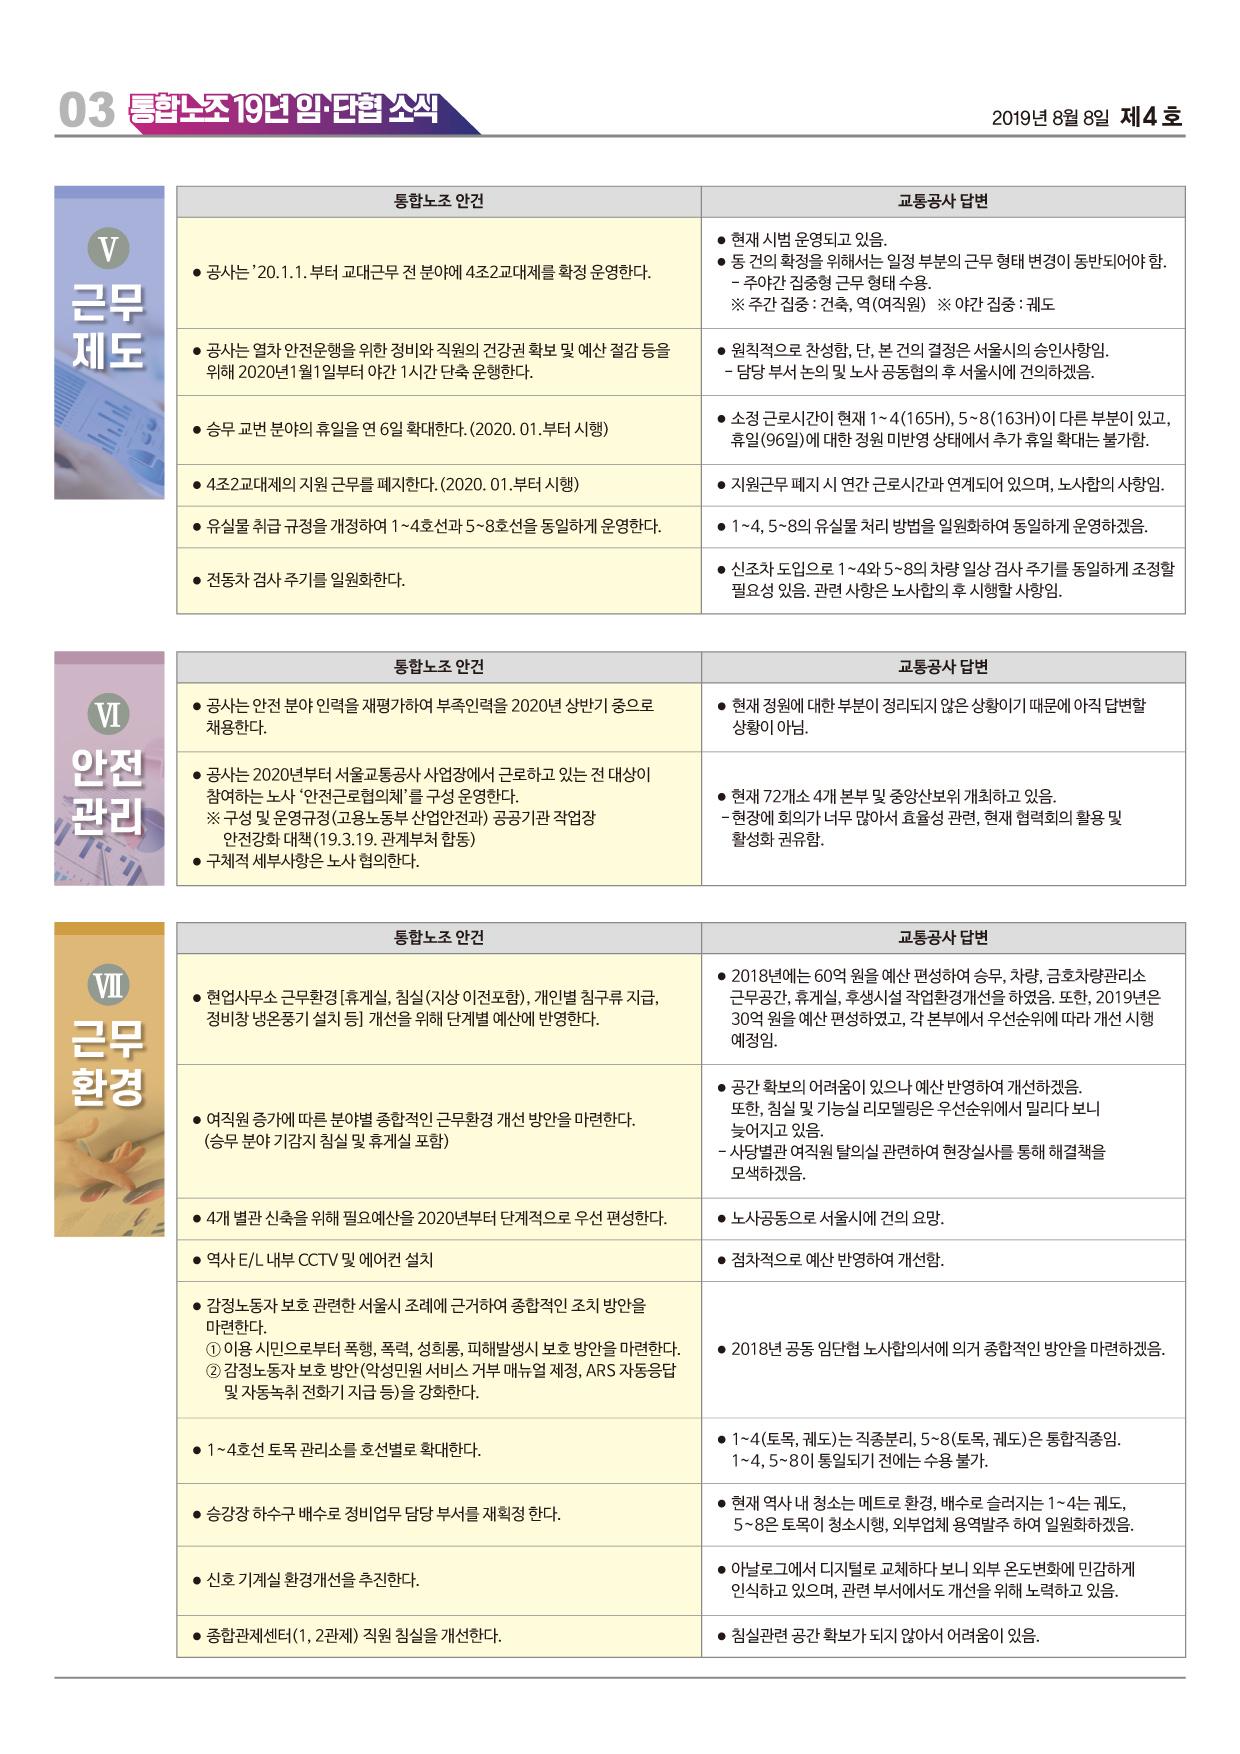 통합노조19년임단협소식제4호-3.jpg